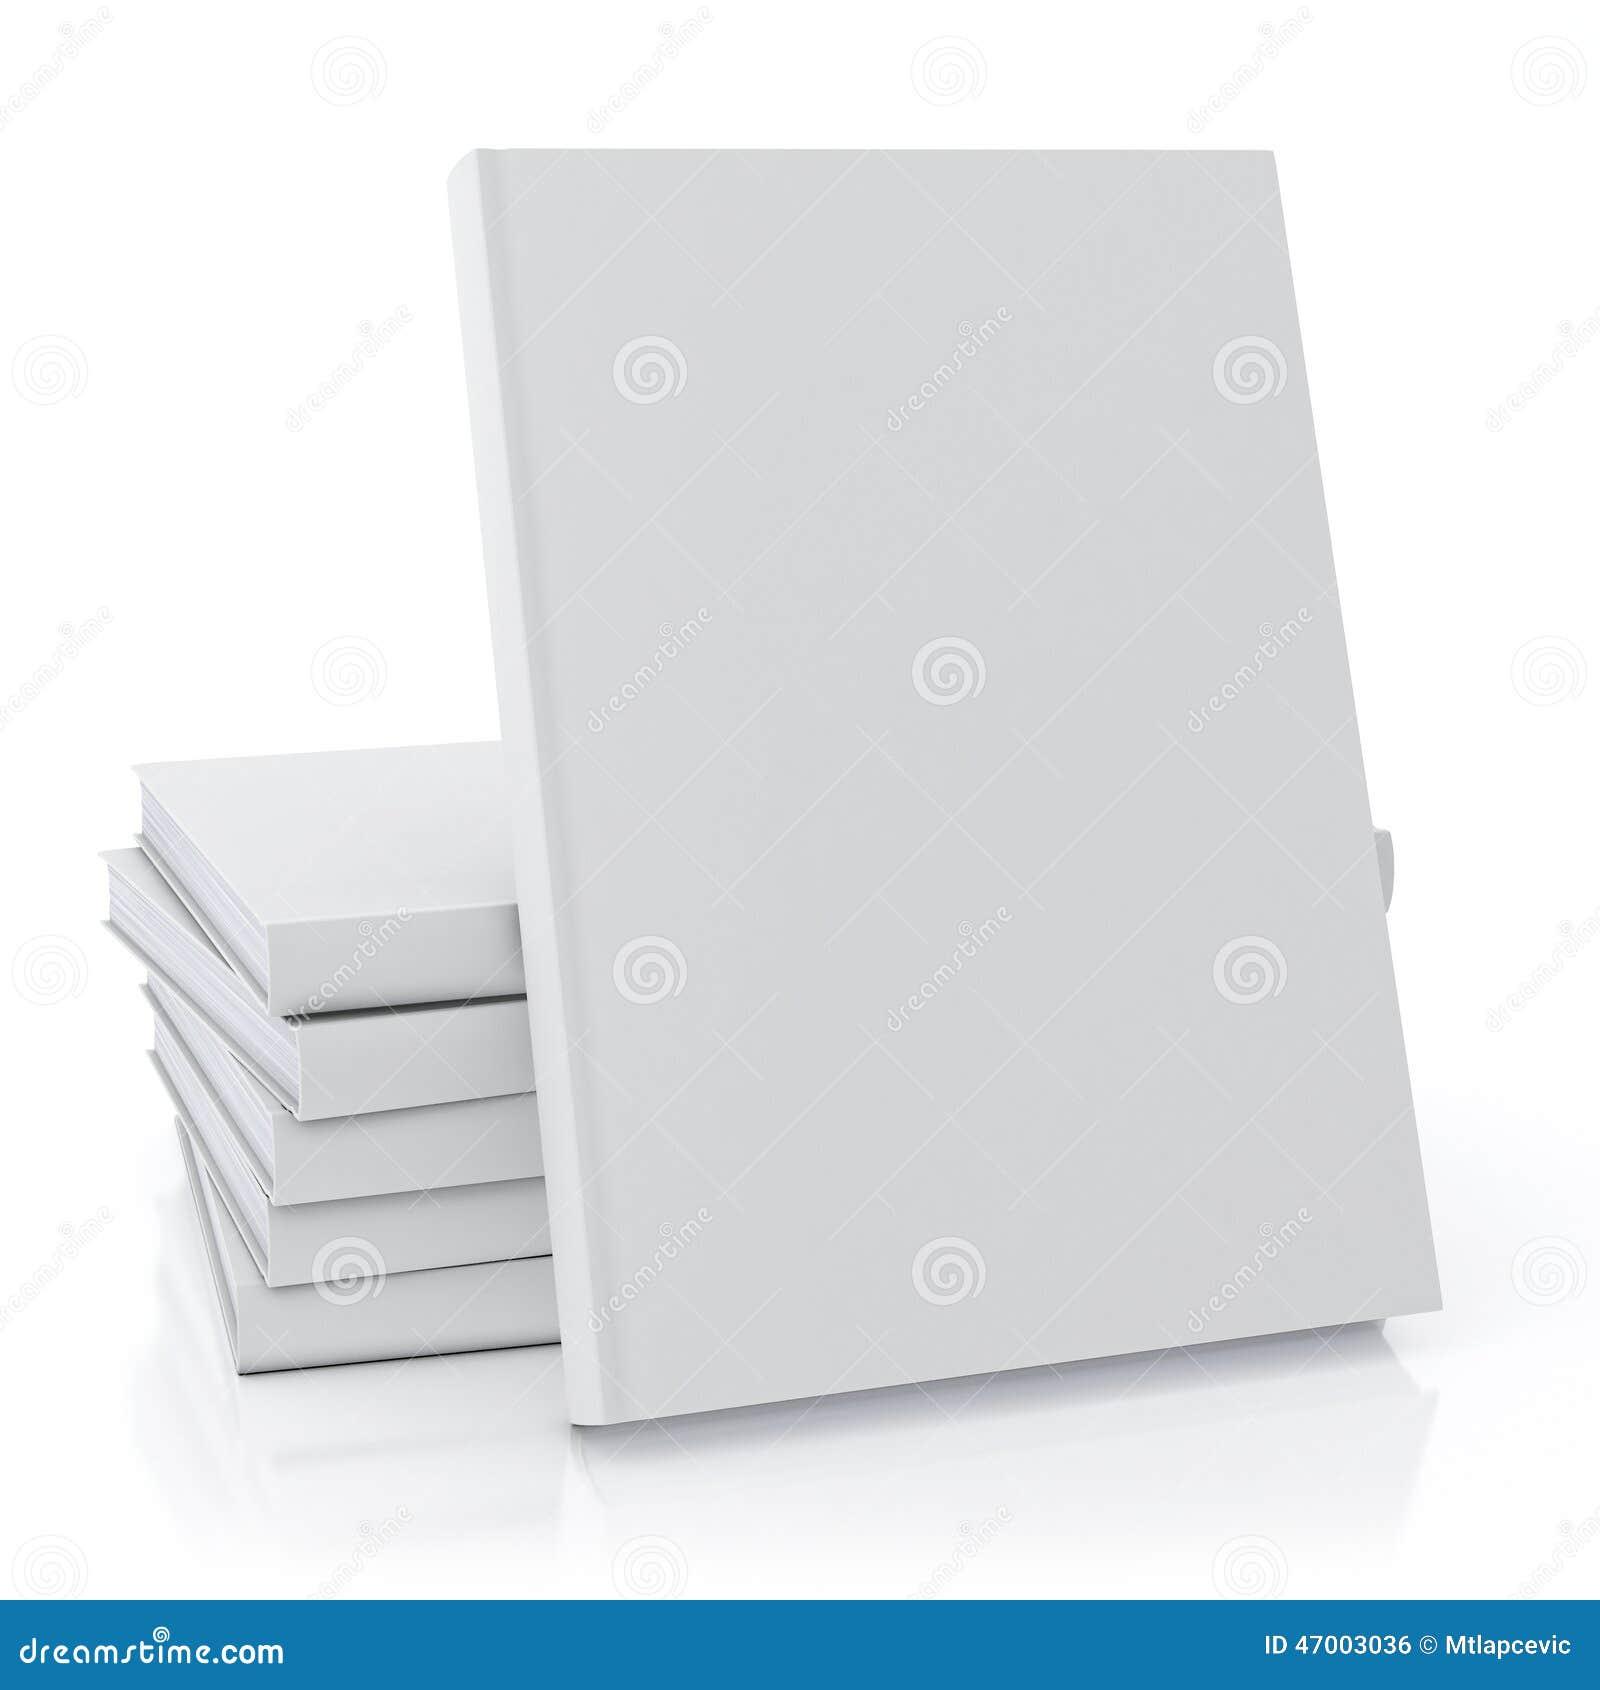 mock up blank white books  isolated on white background